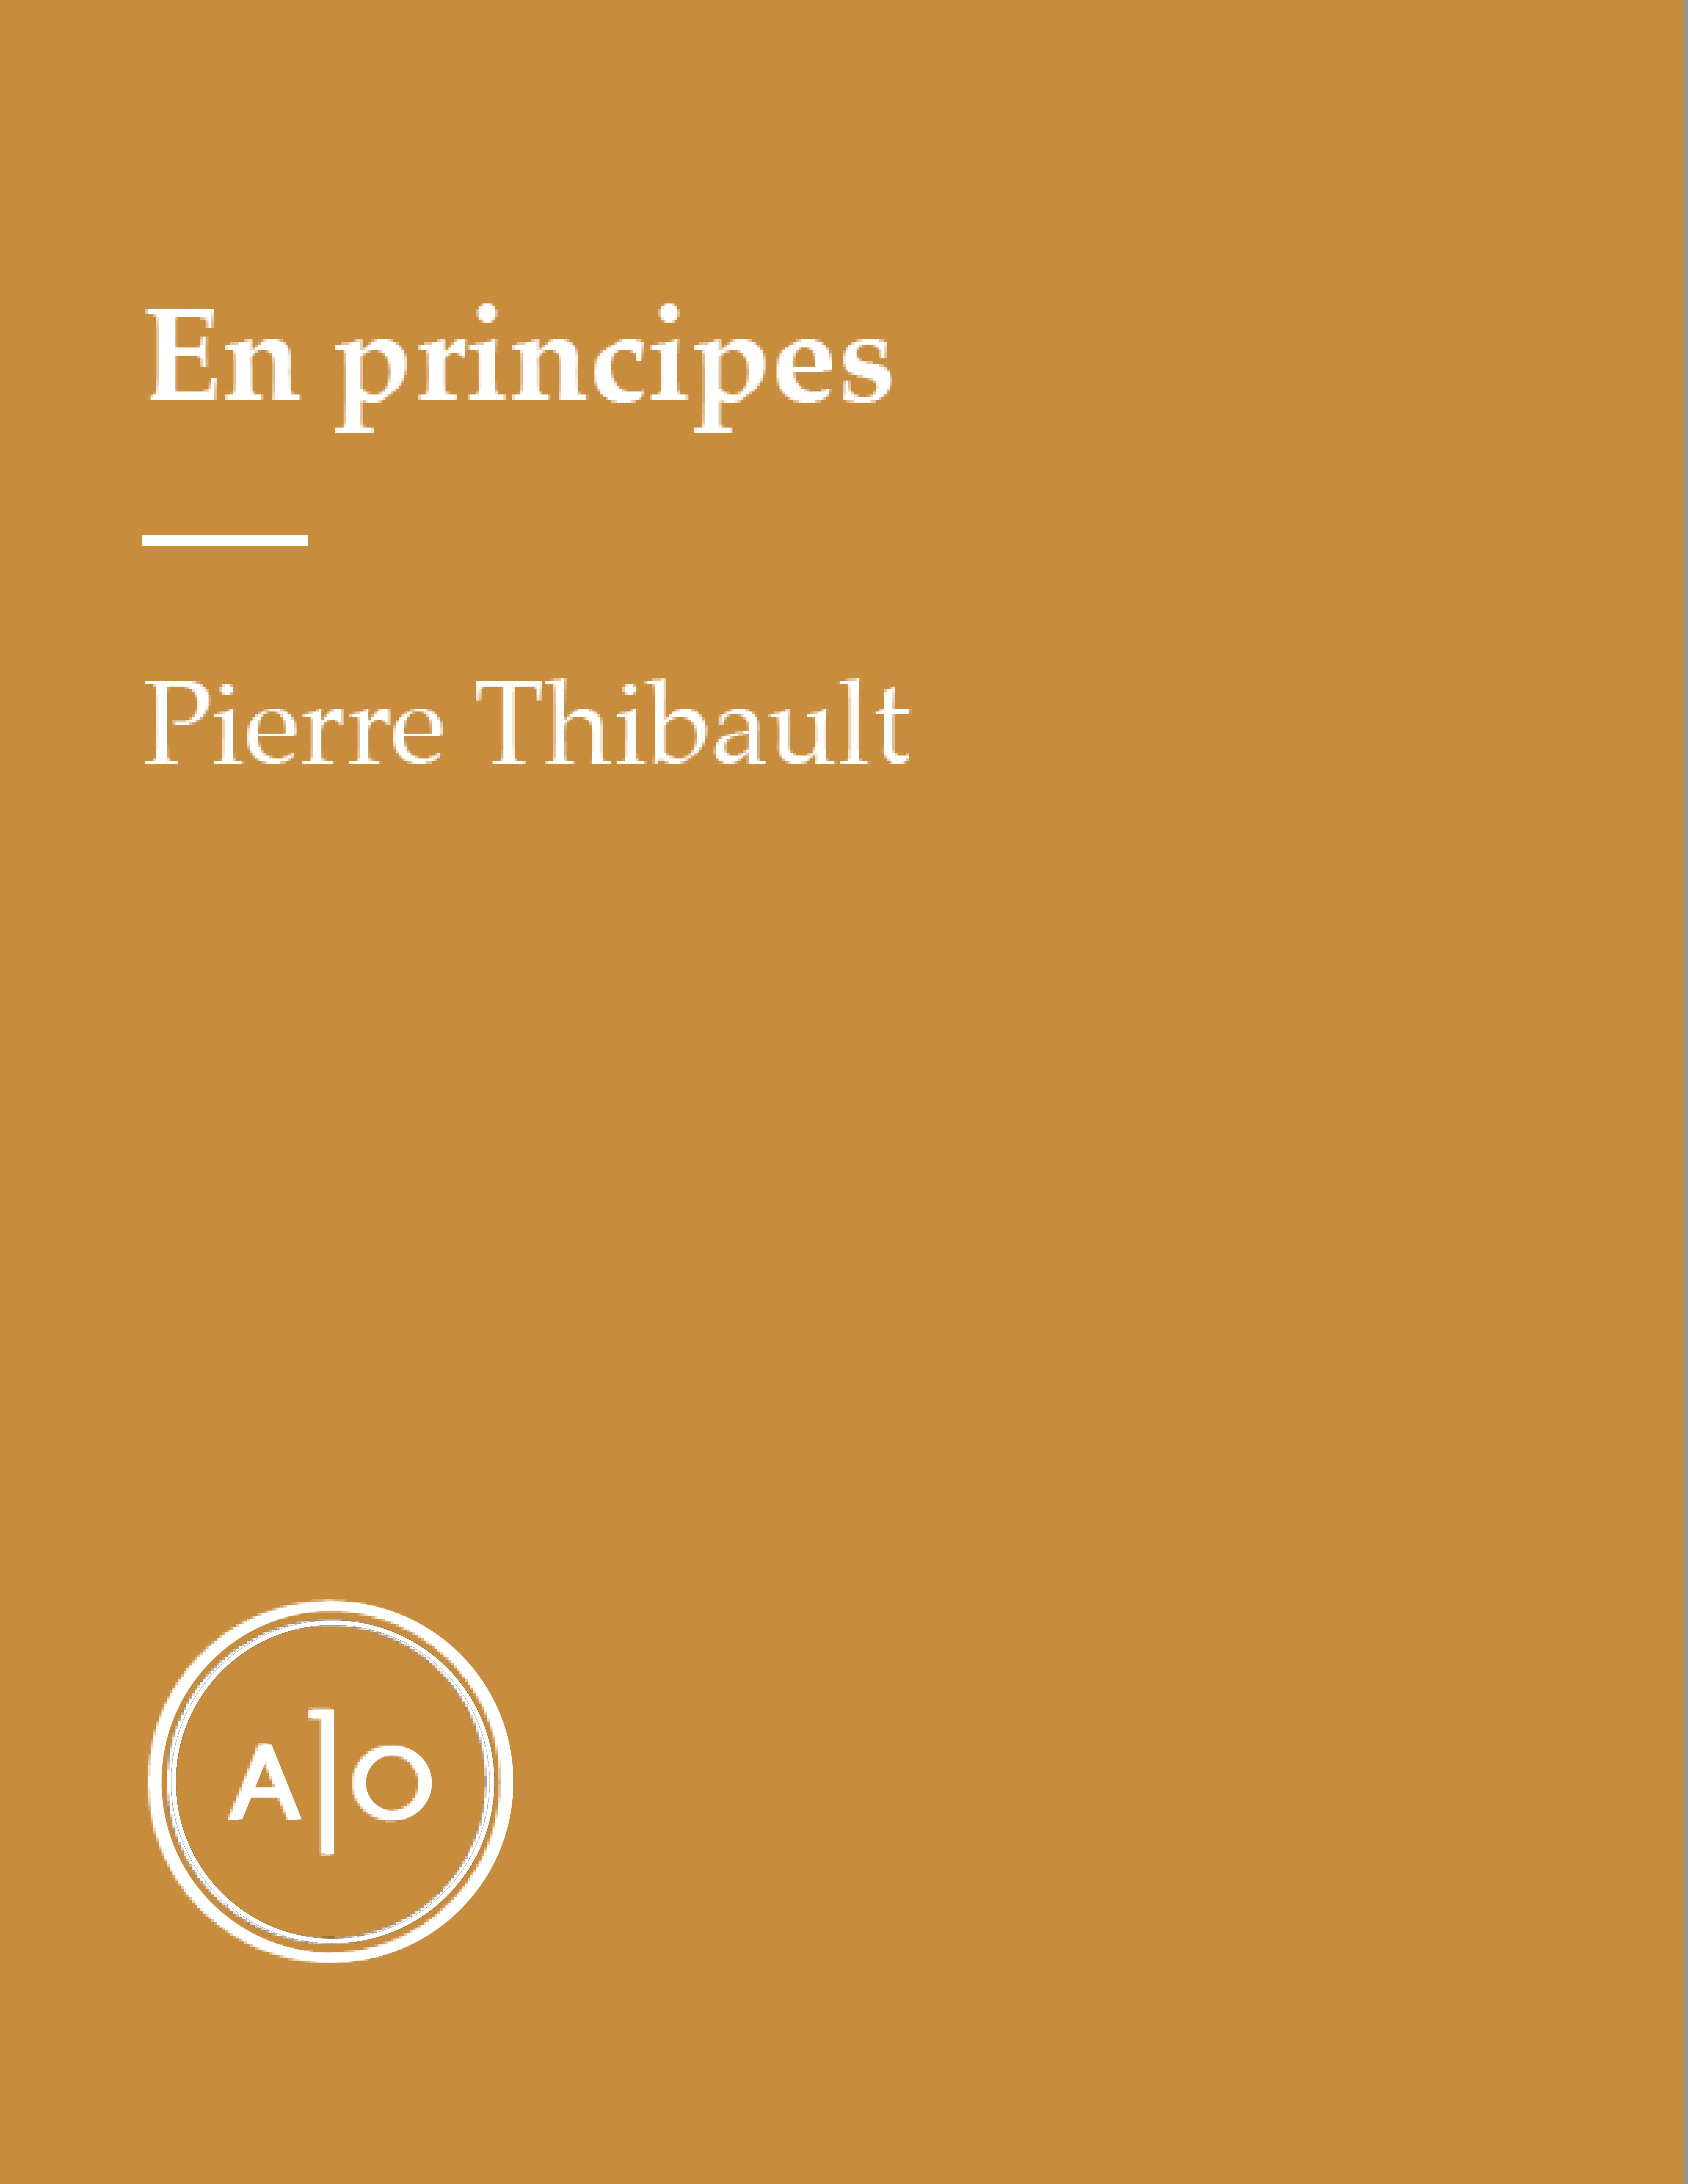 En principes: Pierre Thibault